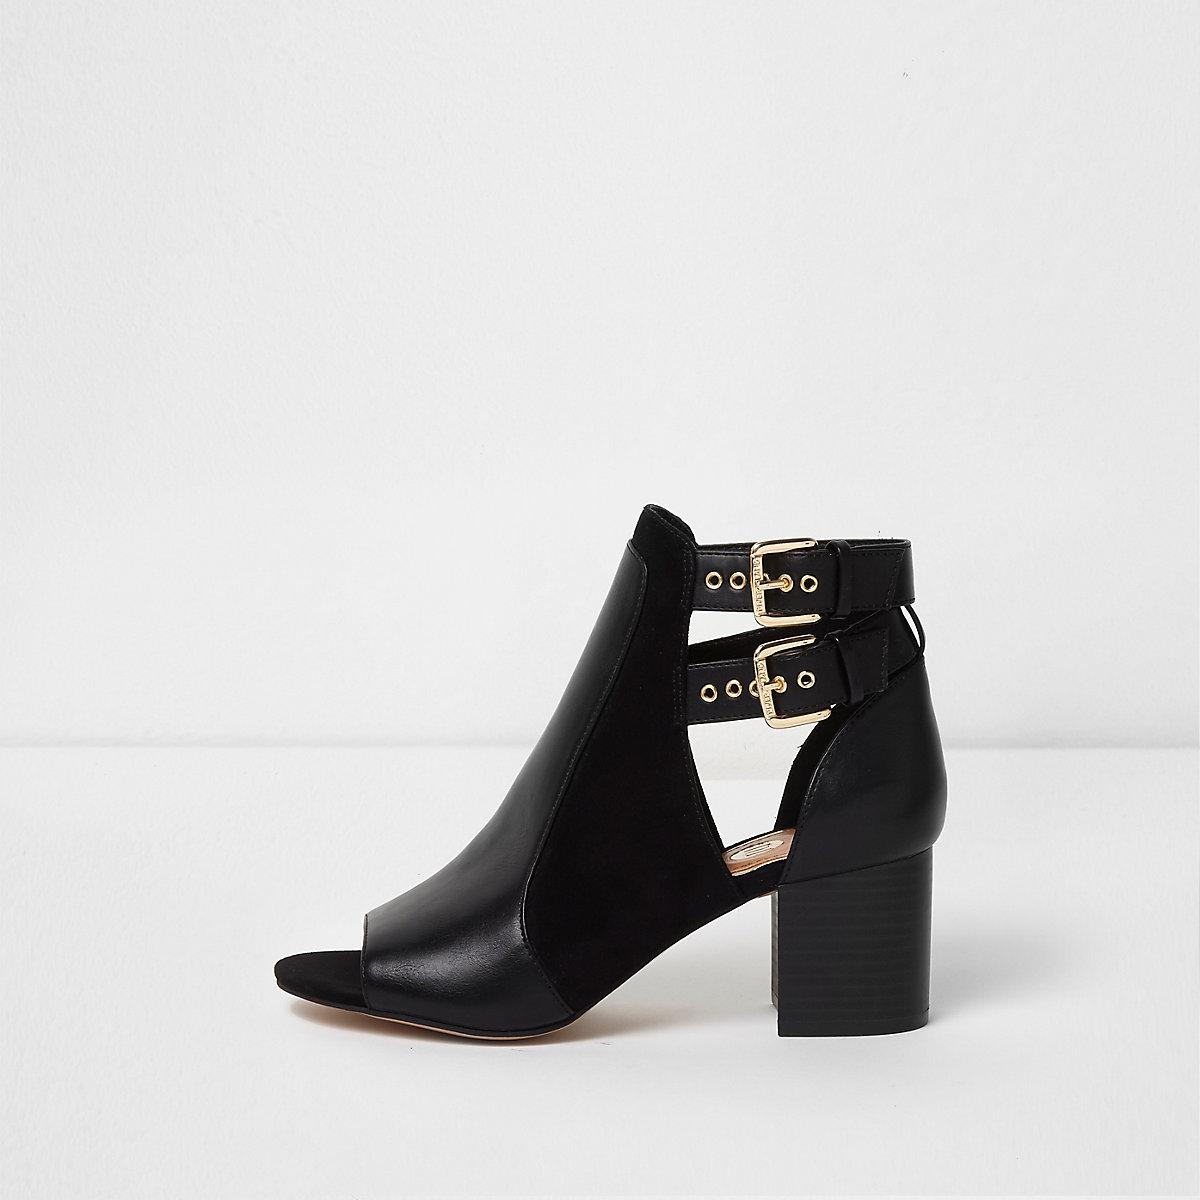 94a112d7843 Black wide fit buckle peep toe shoe boots - Sandals - Shoes   Boots - women